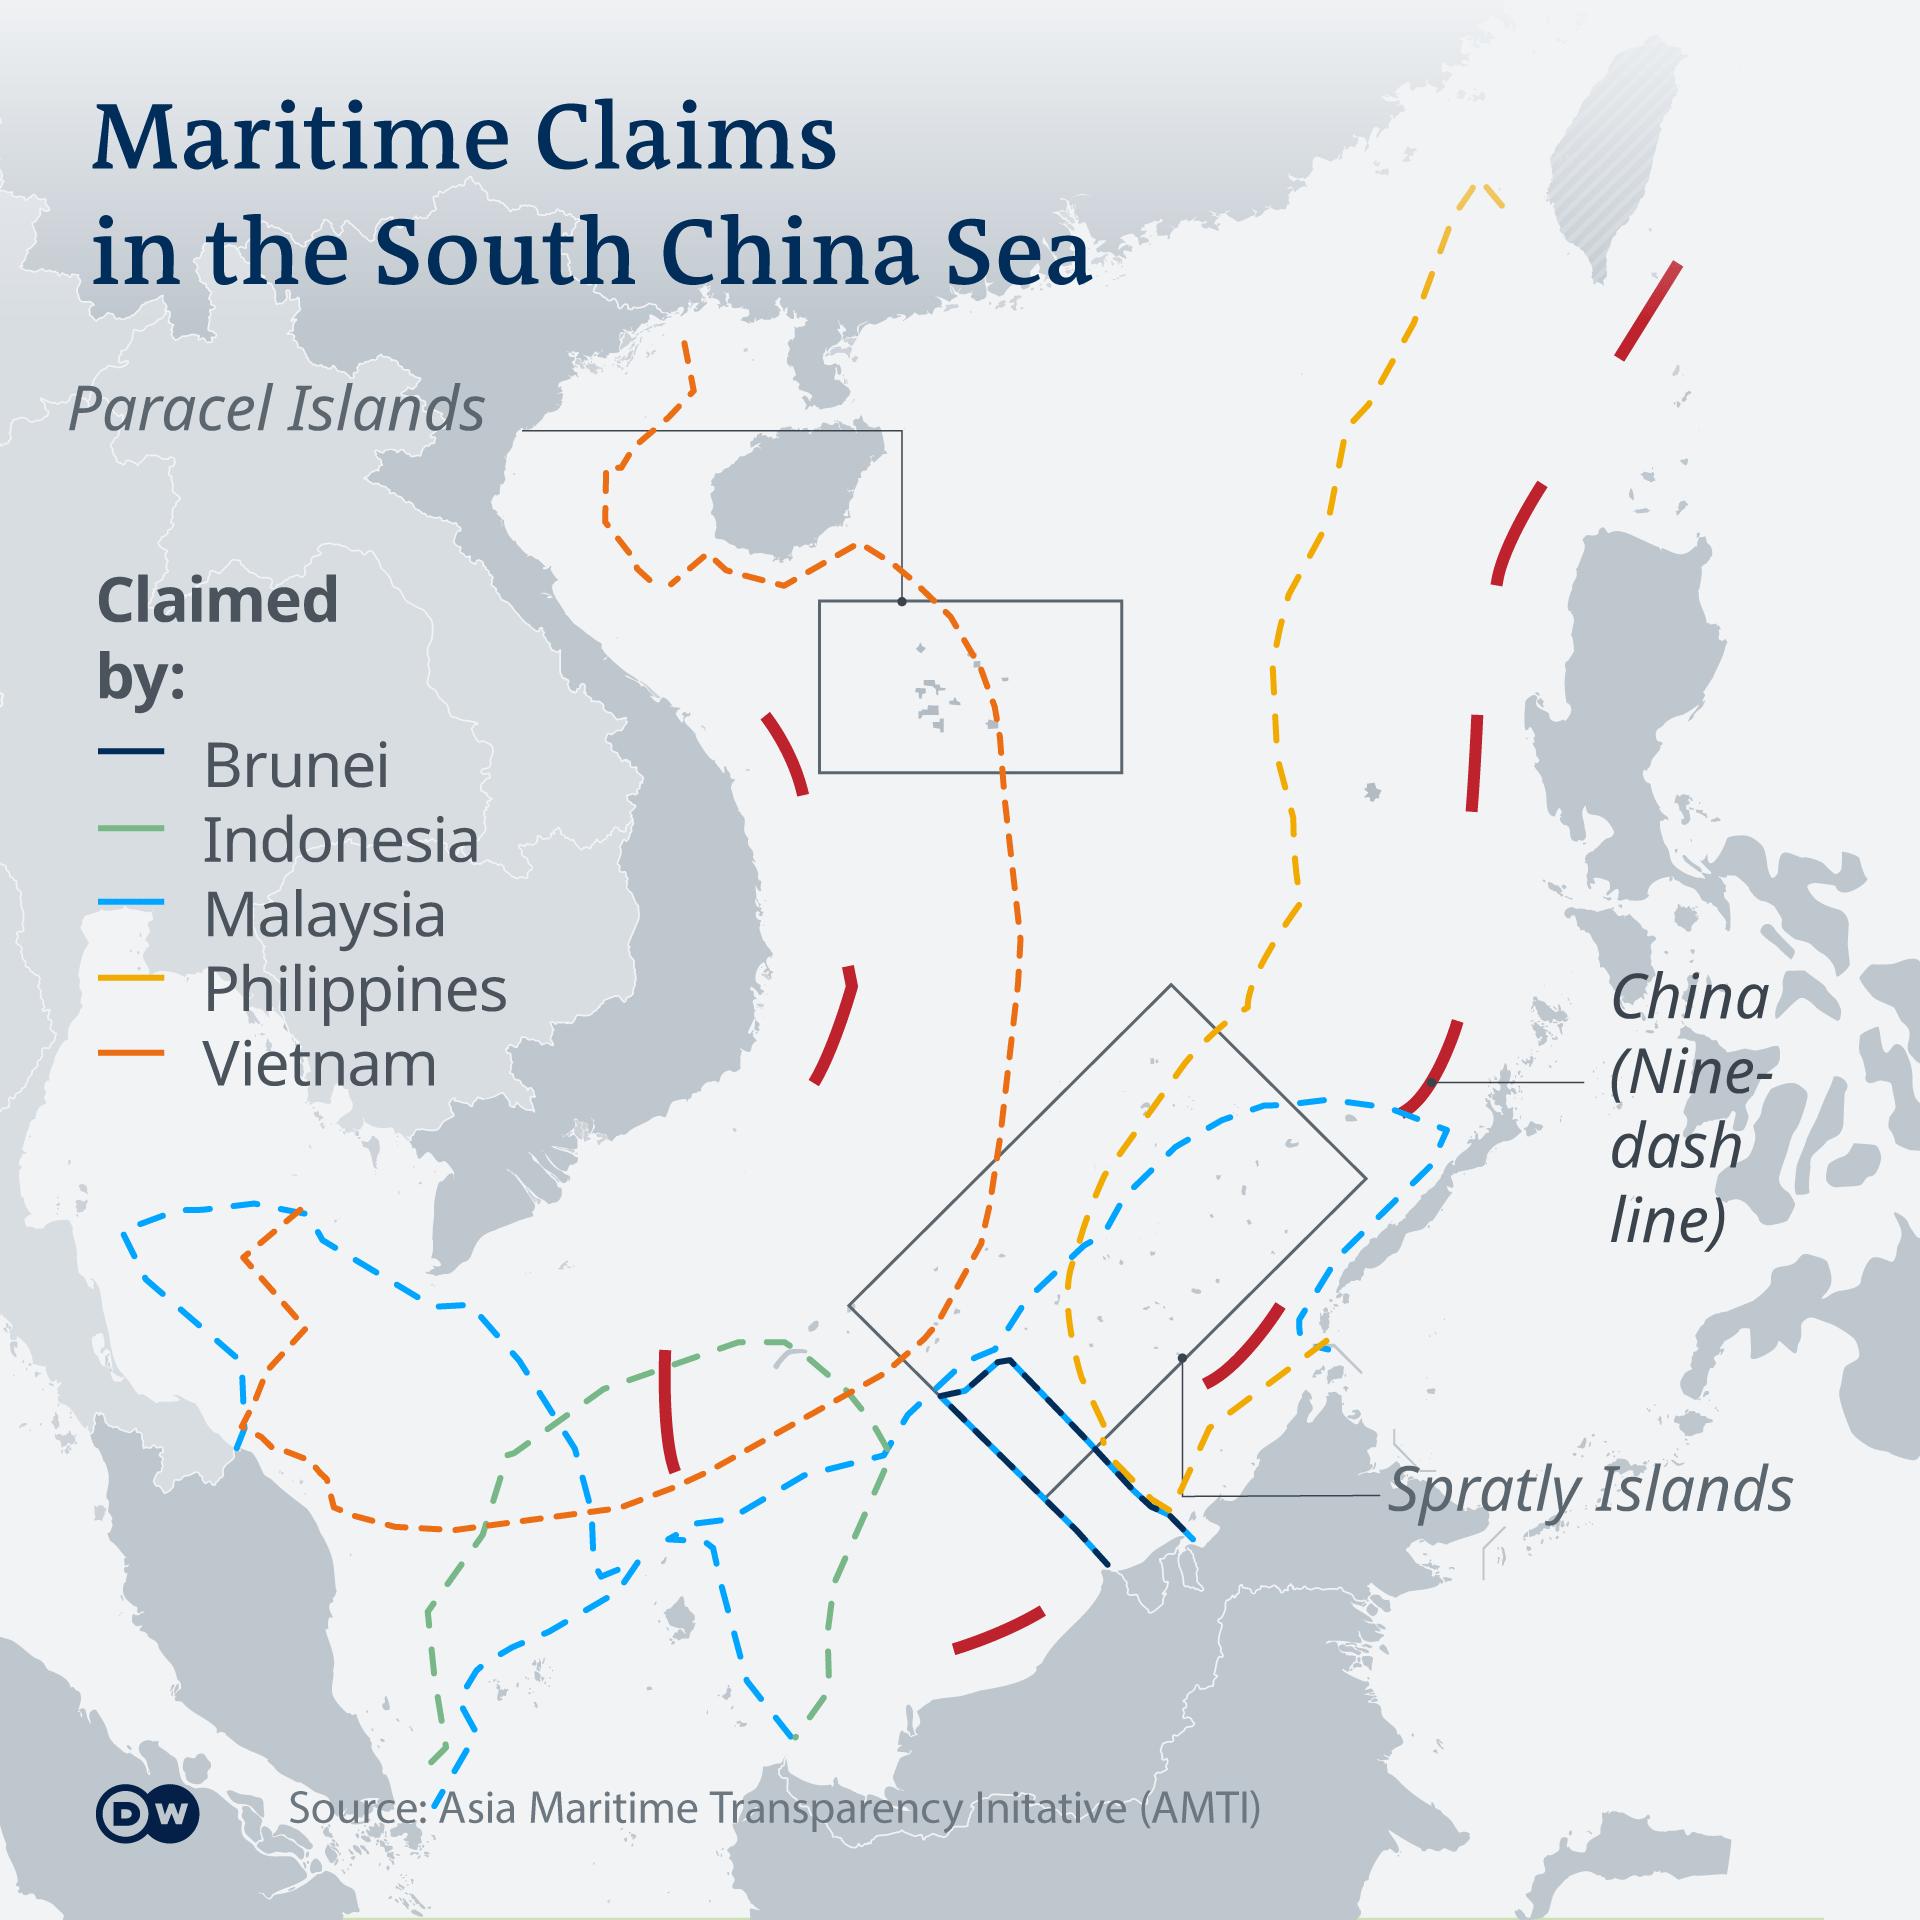 Klaim maritim antara enam negara di Laut Cina Selatan.